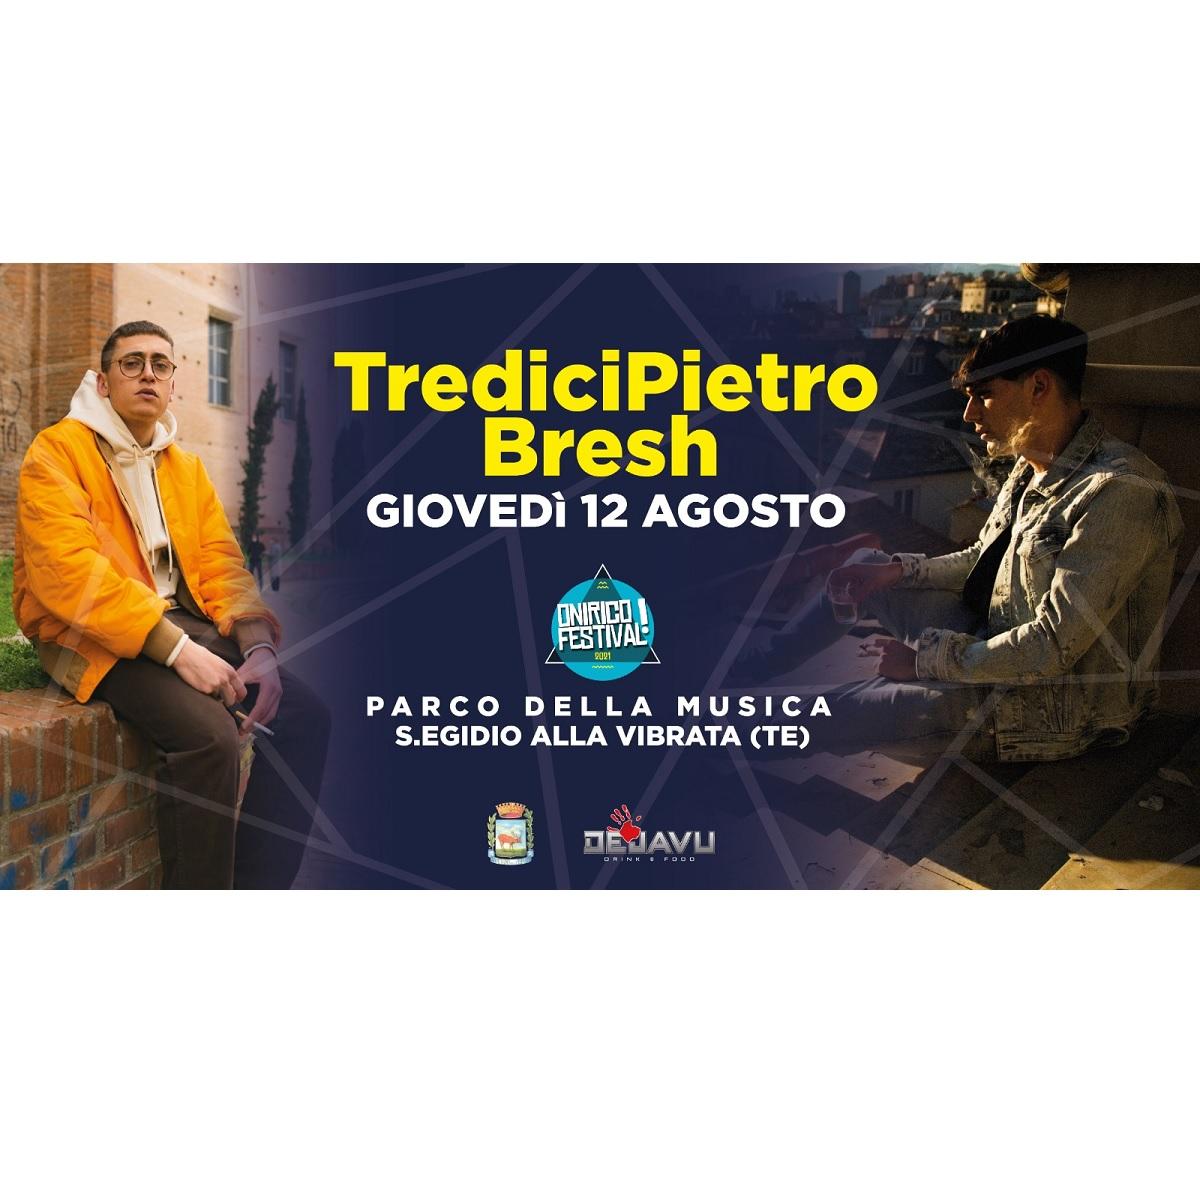 TrediciPietro & Bresh all'Onirico Festival 12 Agosto 2021 foto